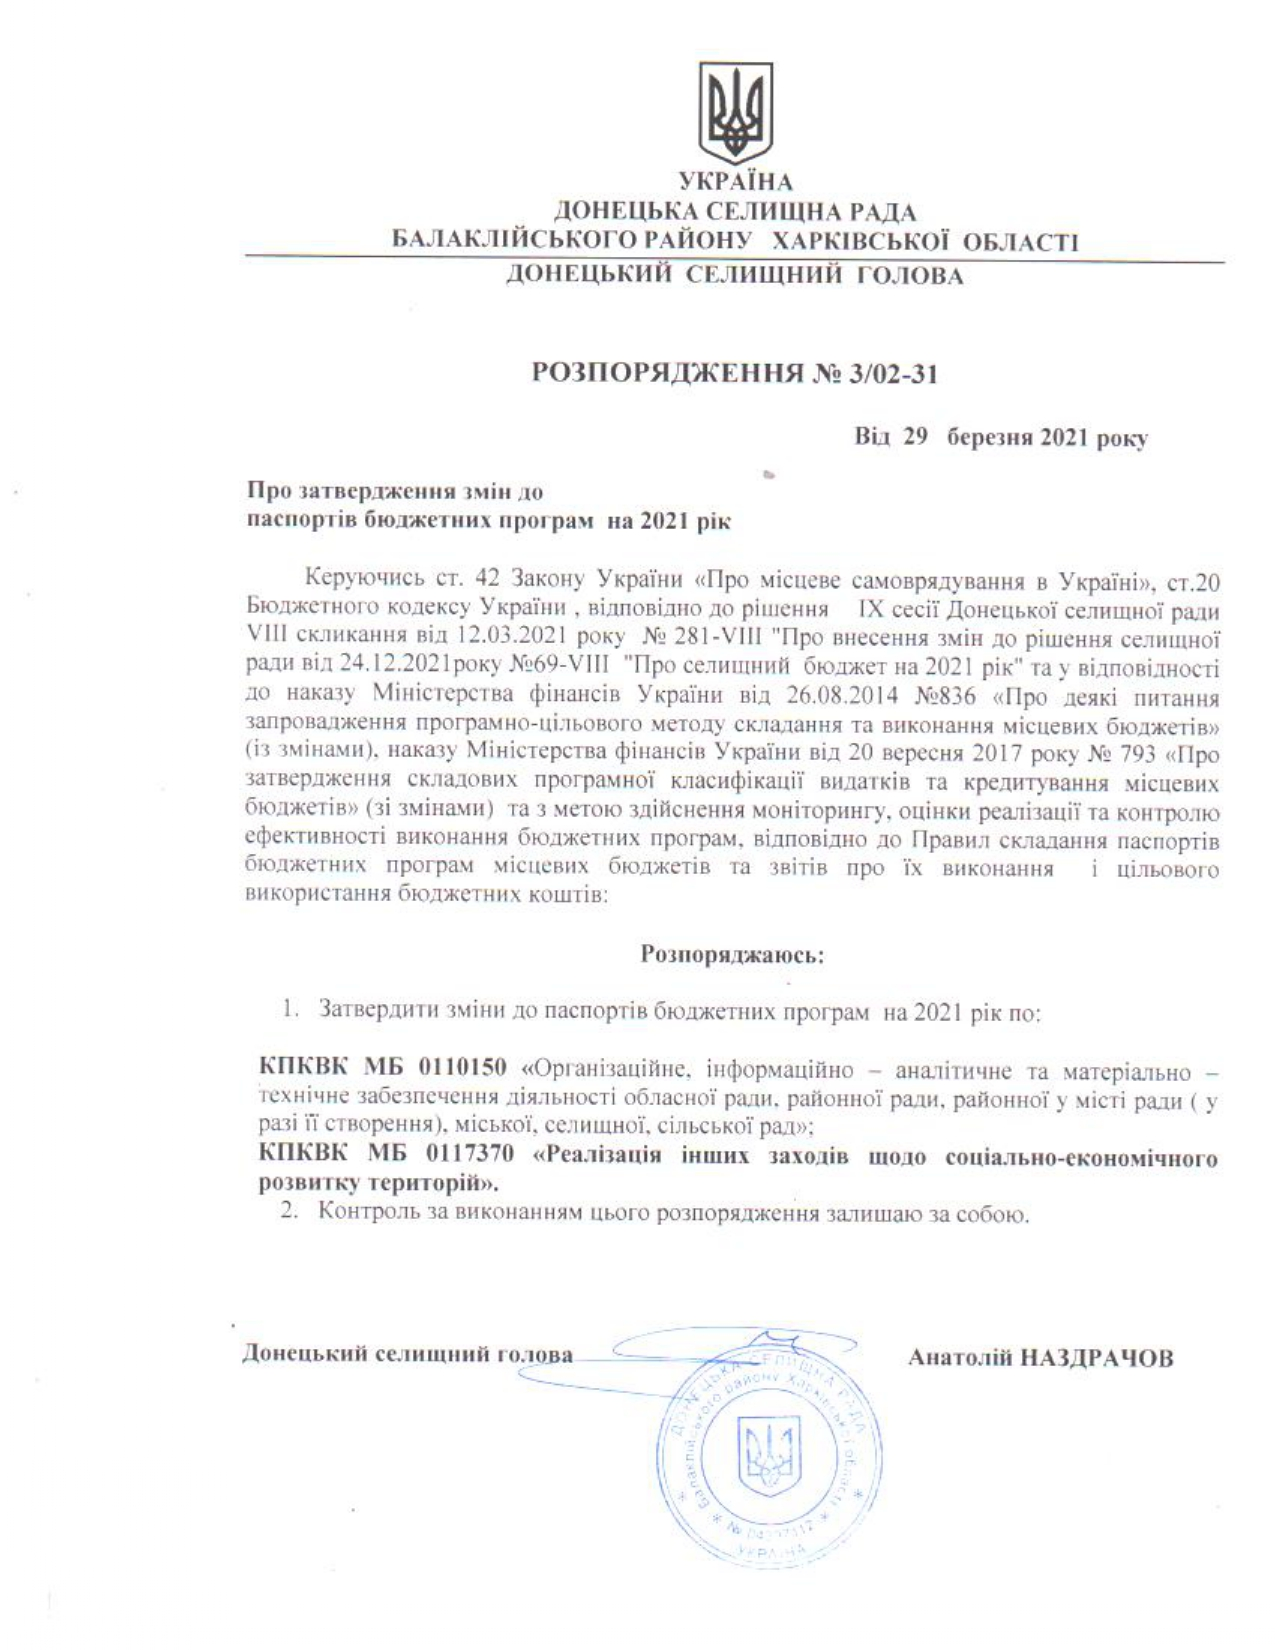 Розпорядження №3/02-31 Про затверження змін до паспортів бюджетних програм на 2021 рік та Паспорт